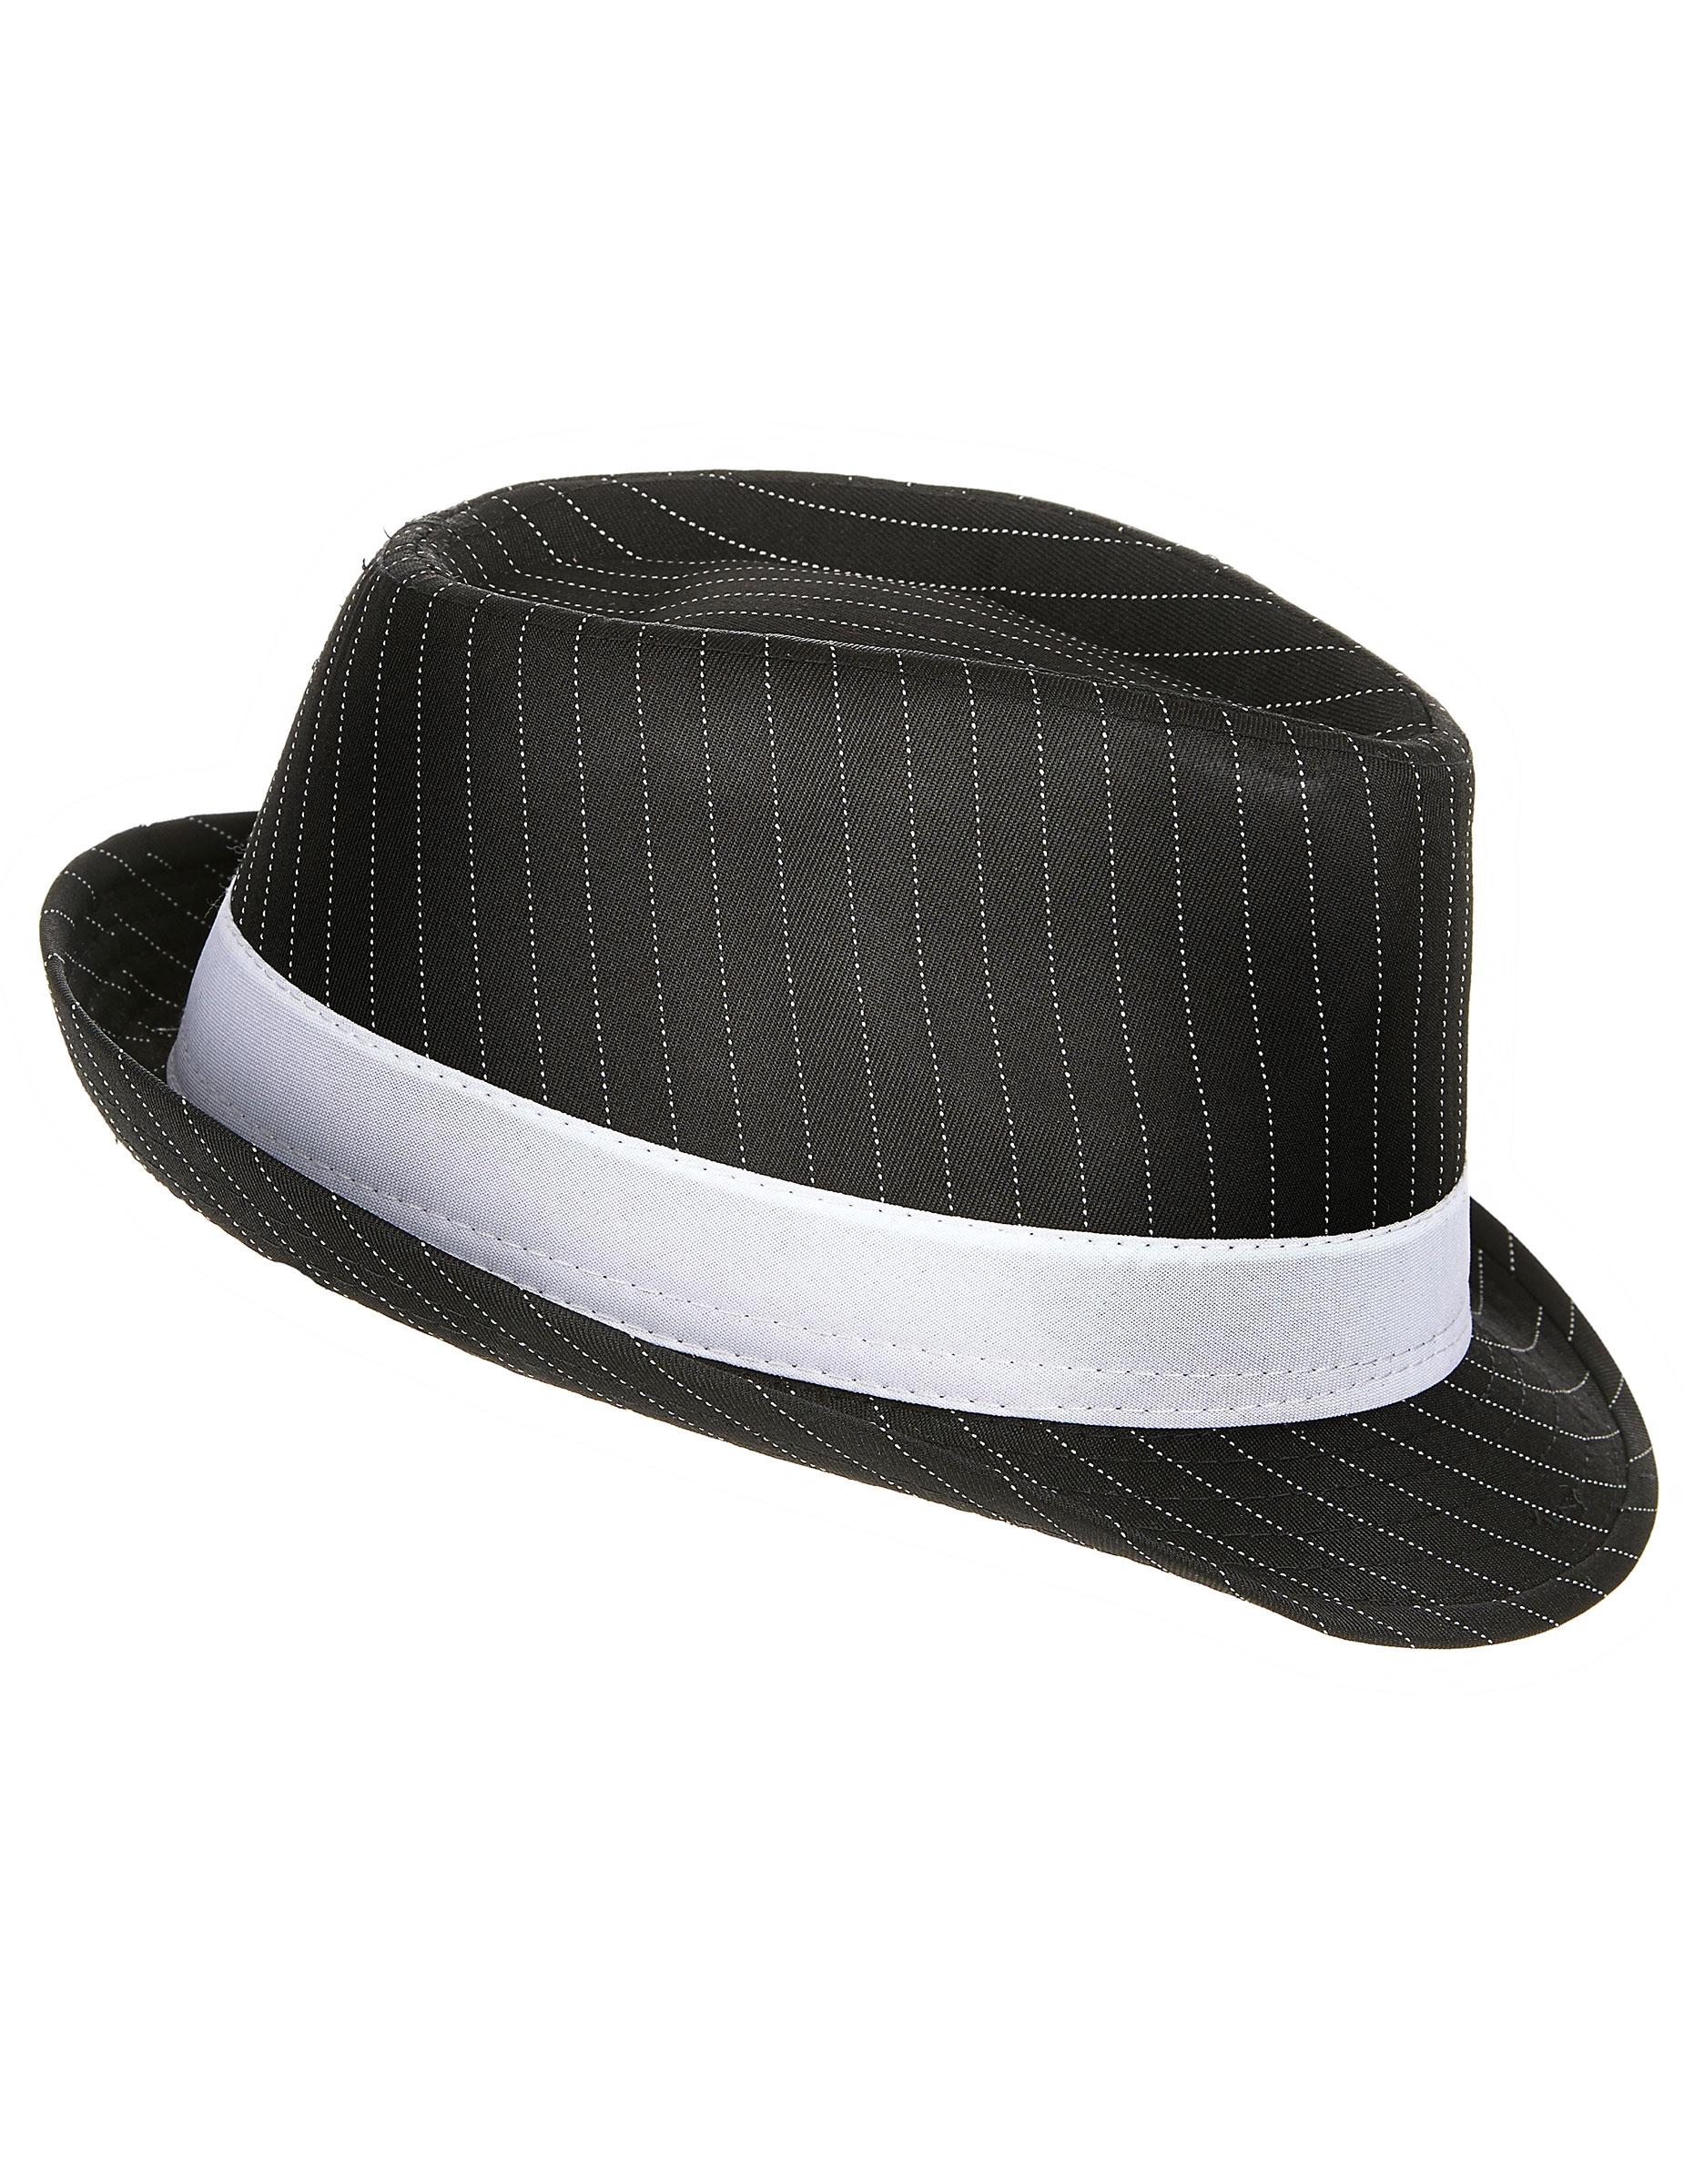 Sombreros de charlestón para completar tu look años 20 - Vegaoo.es cc8b0b50c2d